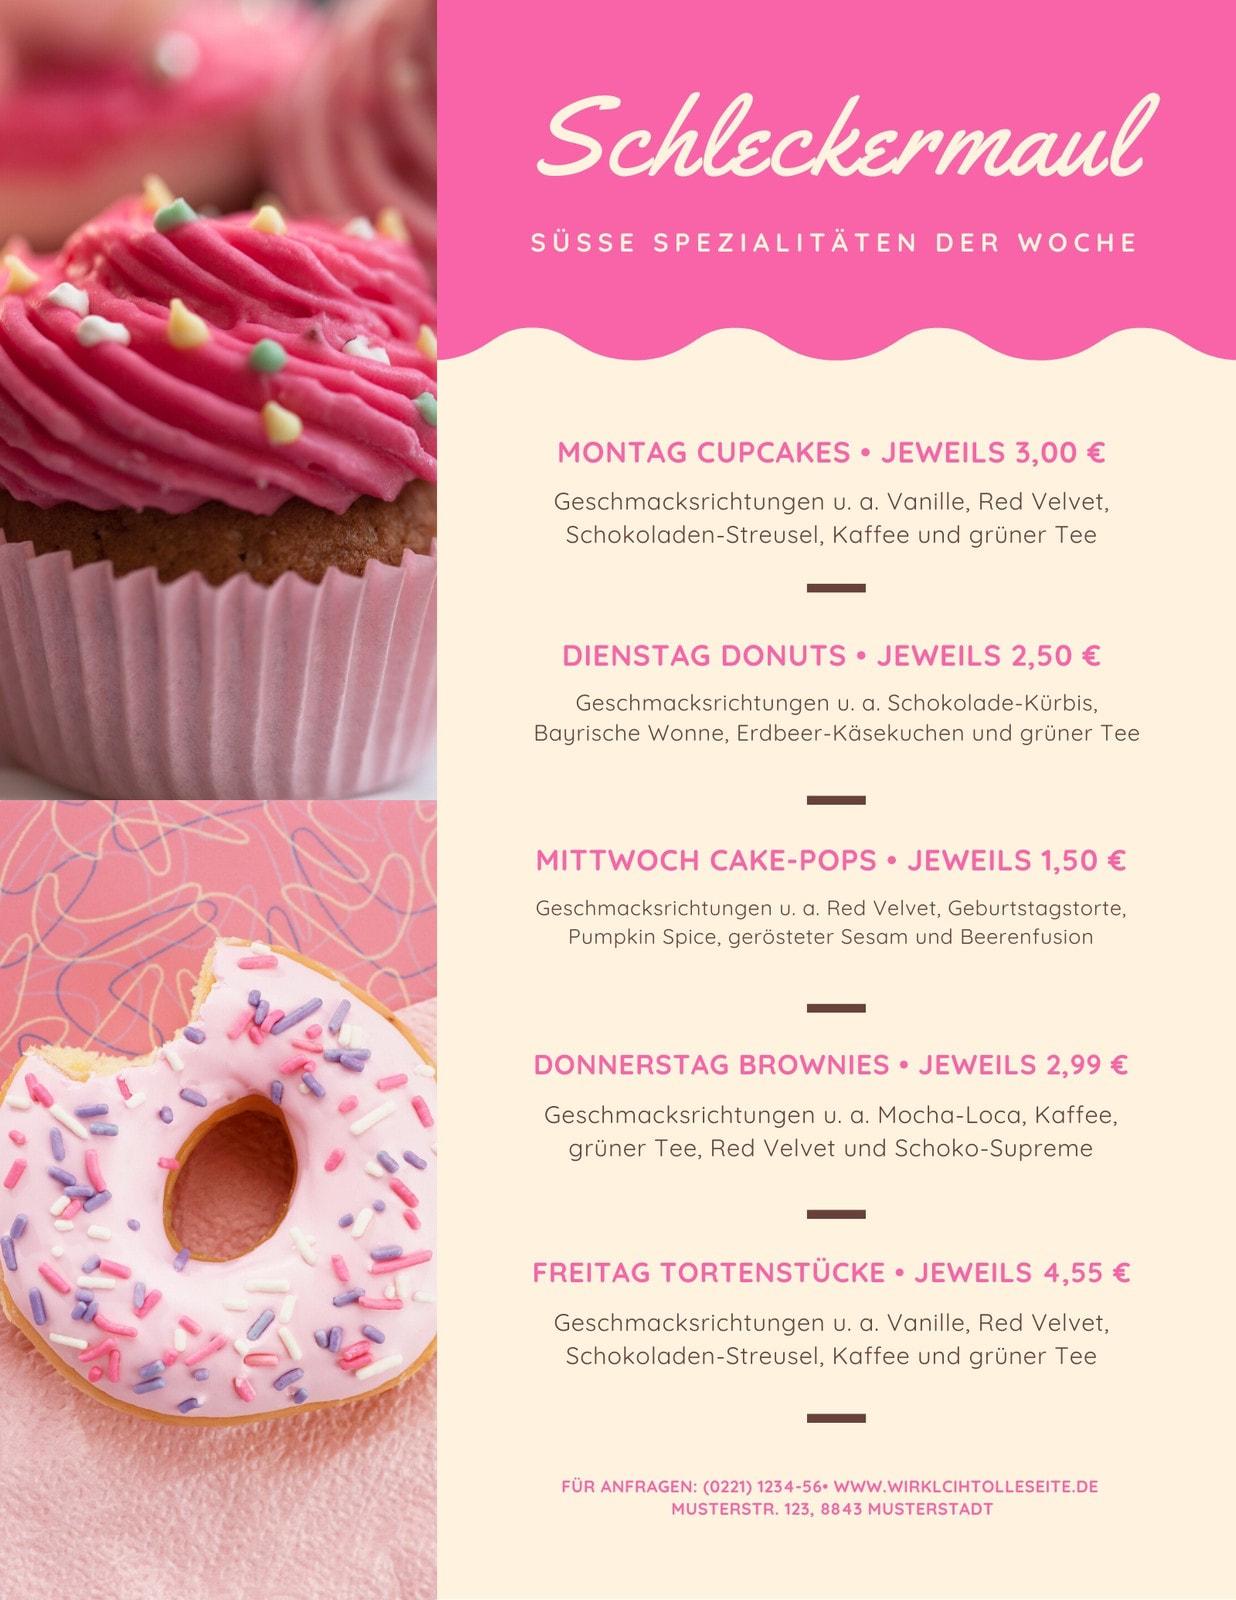 Rosa Süß Foto Dessert Wochenkarte